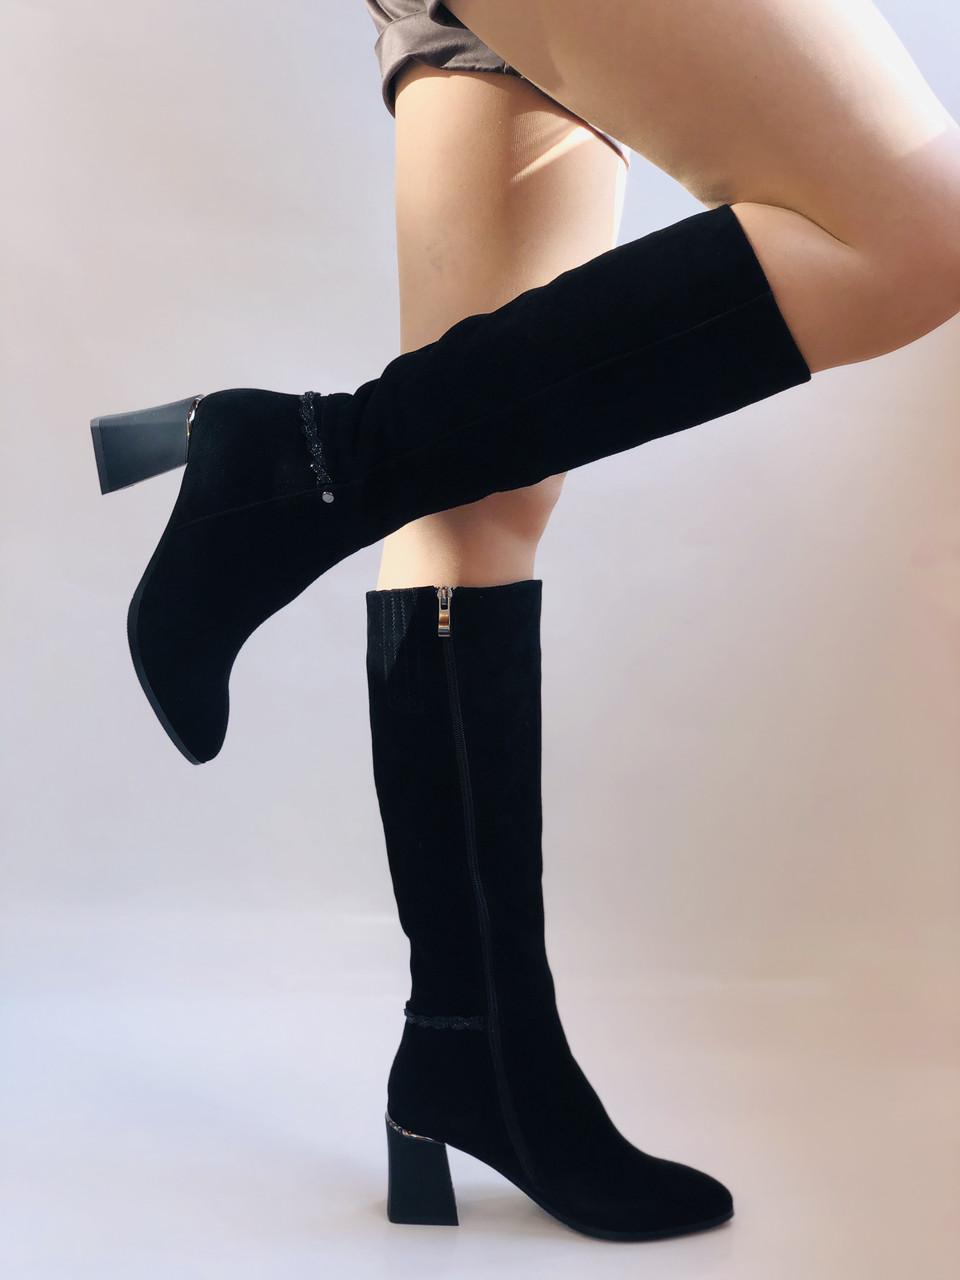 Женские осенне-весенние сапоги на среднем каблуке. Натуральная замша. Nadi Bella. Р. 35, 36, 37, 38, 40